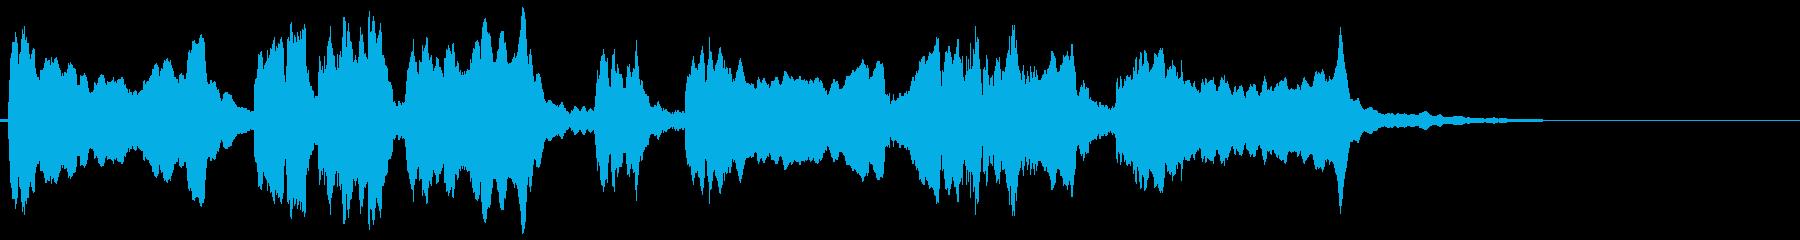 怪しいエスニックなバイオリンのフレーズ2の再生済みの波形